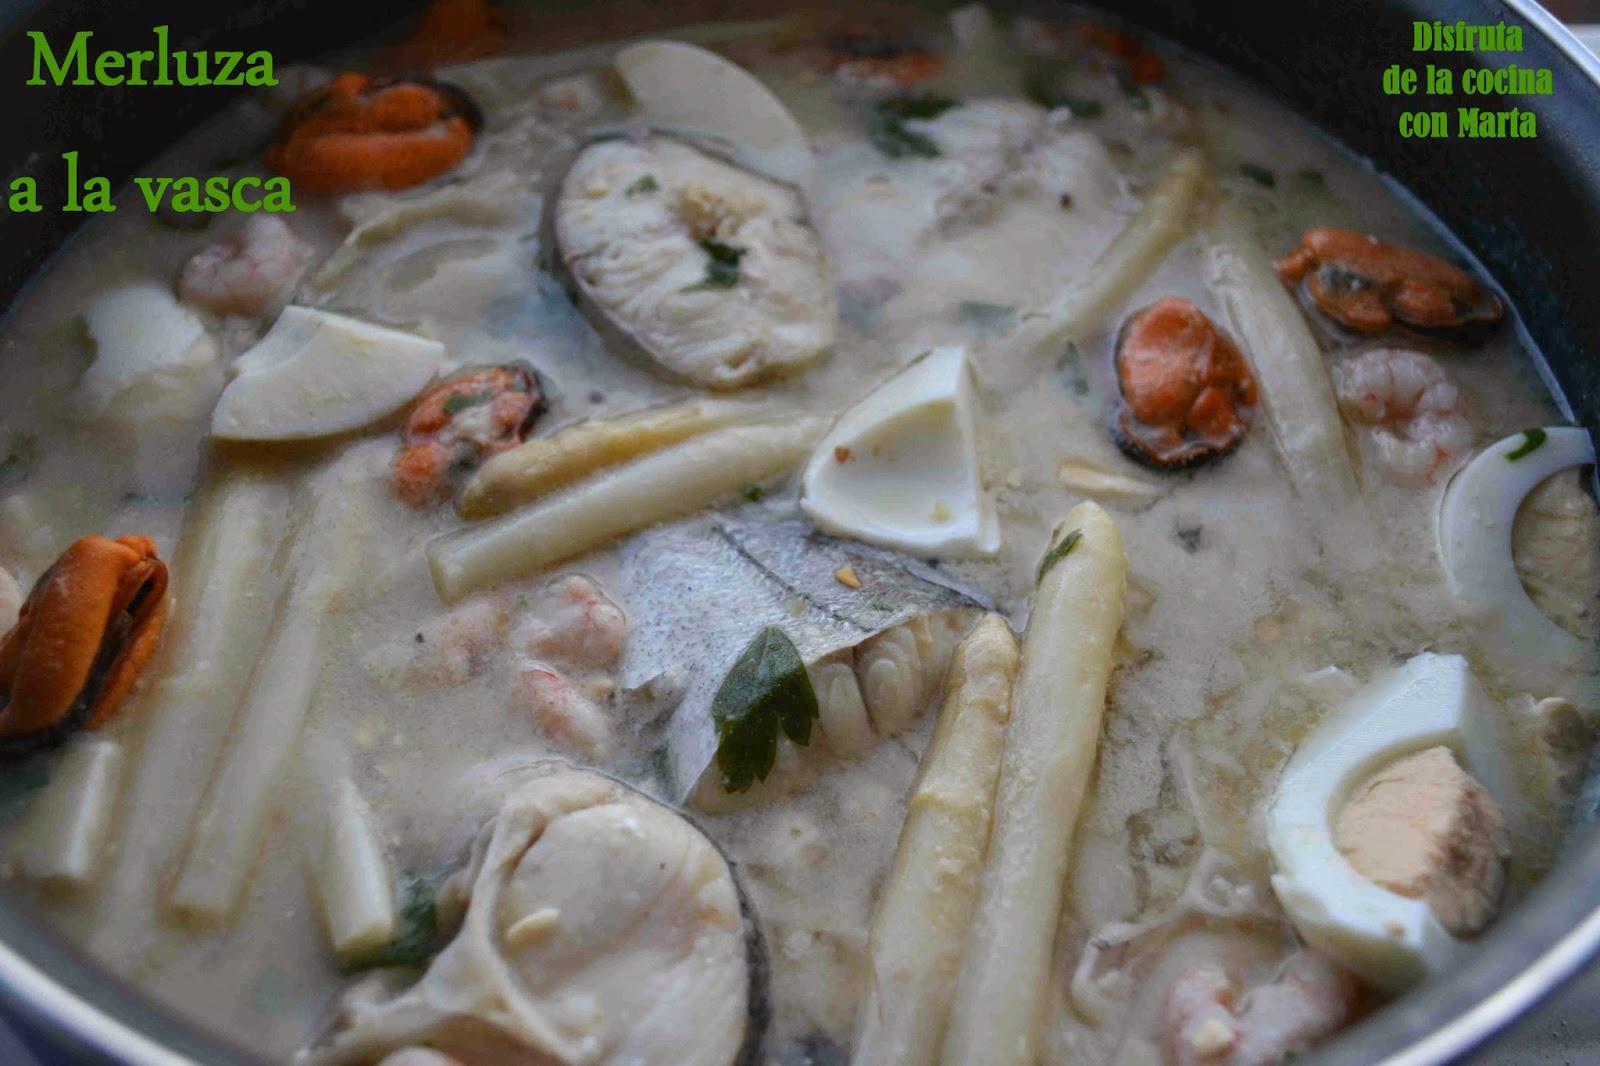 Disfruta de la cocina con marta merluza a la vasca a mi for Cocinar merluza a la vasca